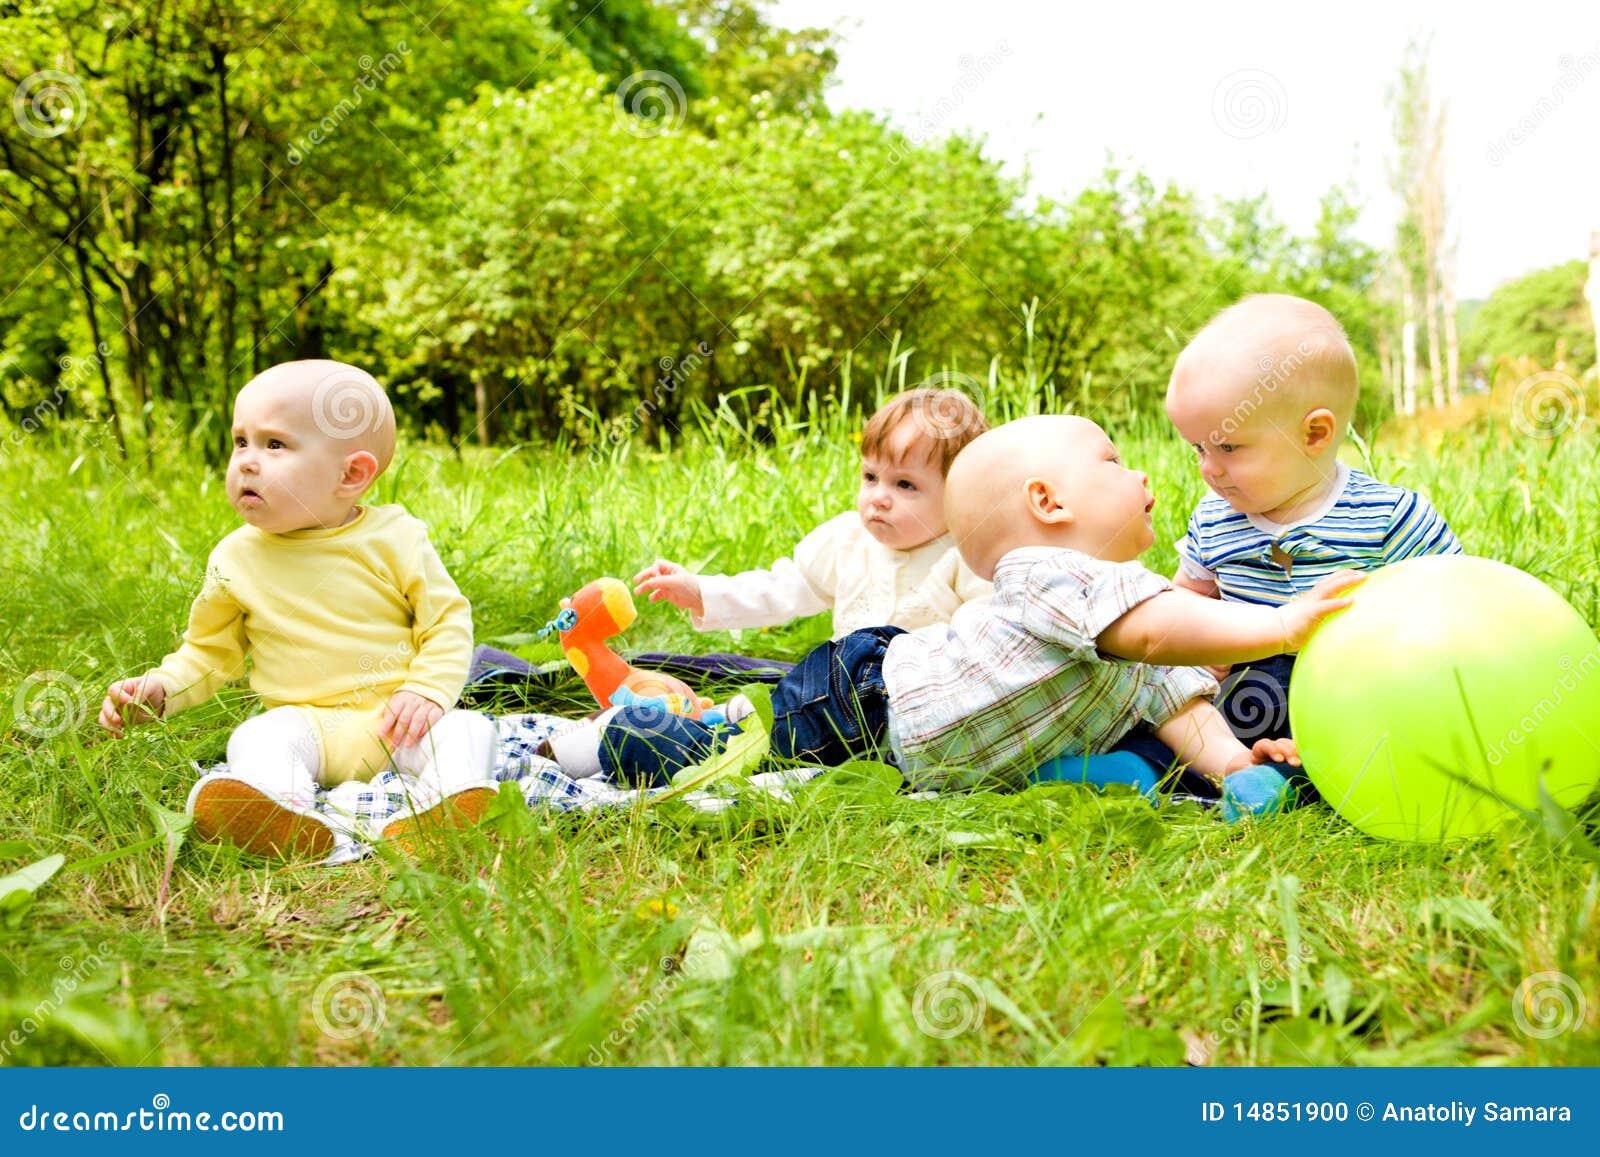 Babies in the outdoor